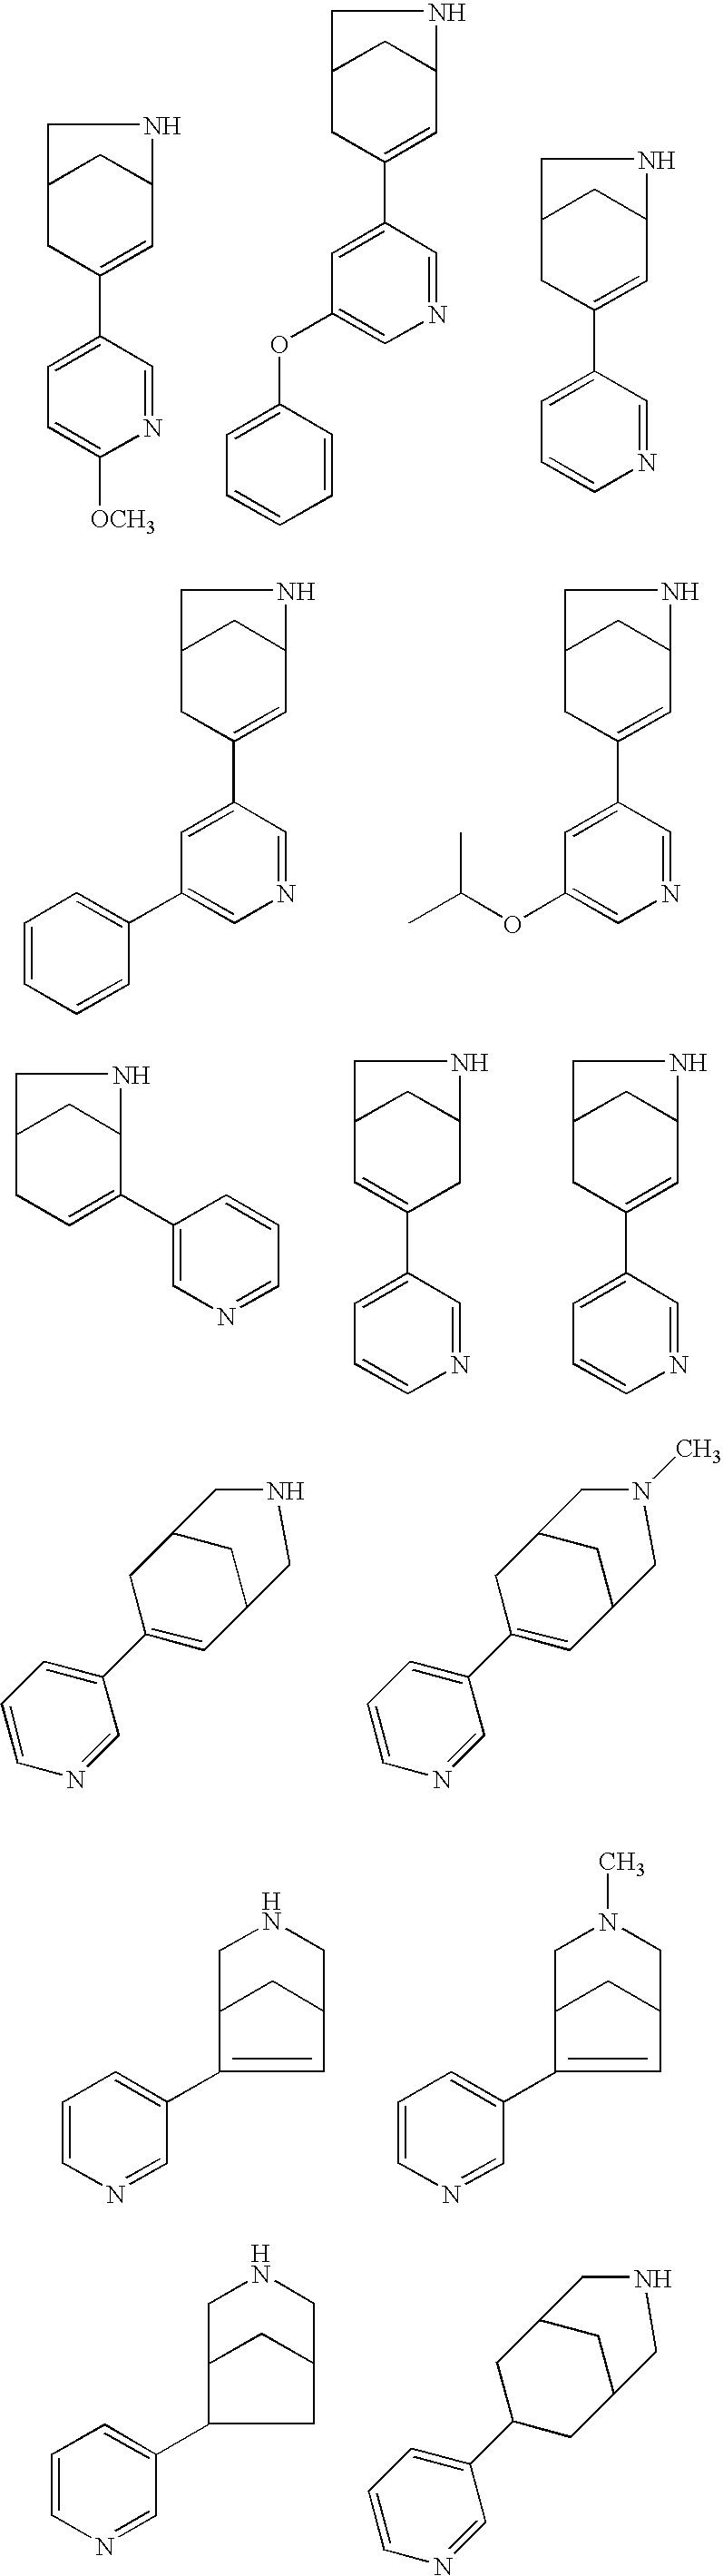 Figure US20100152228A1-20100617-C00013